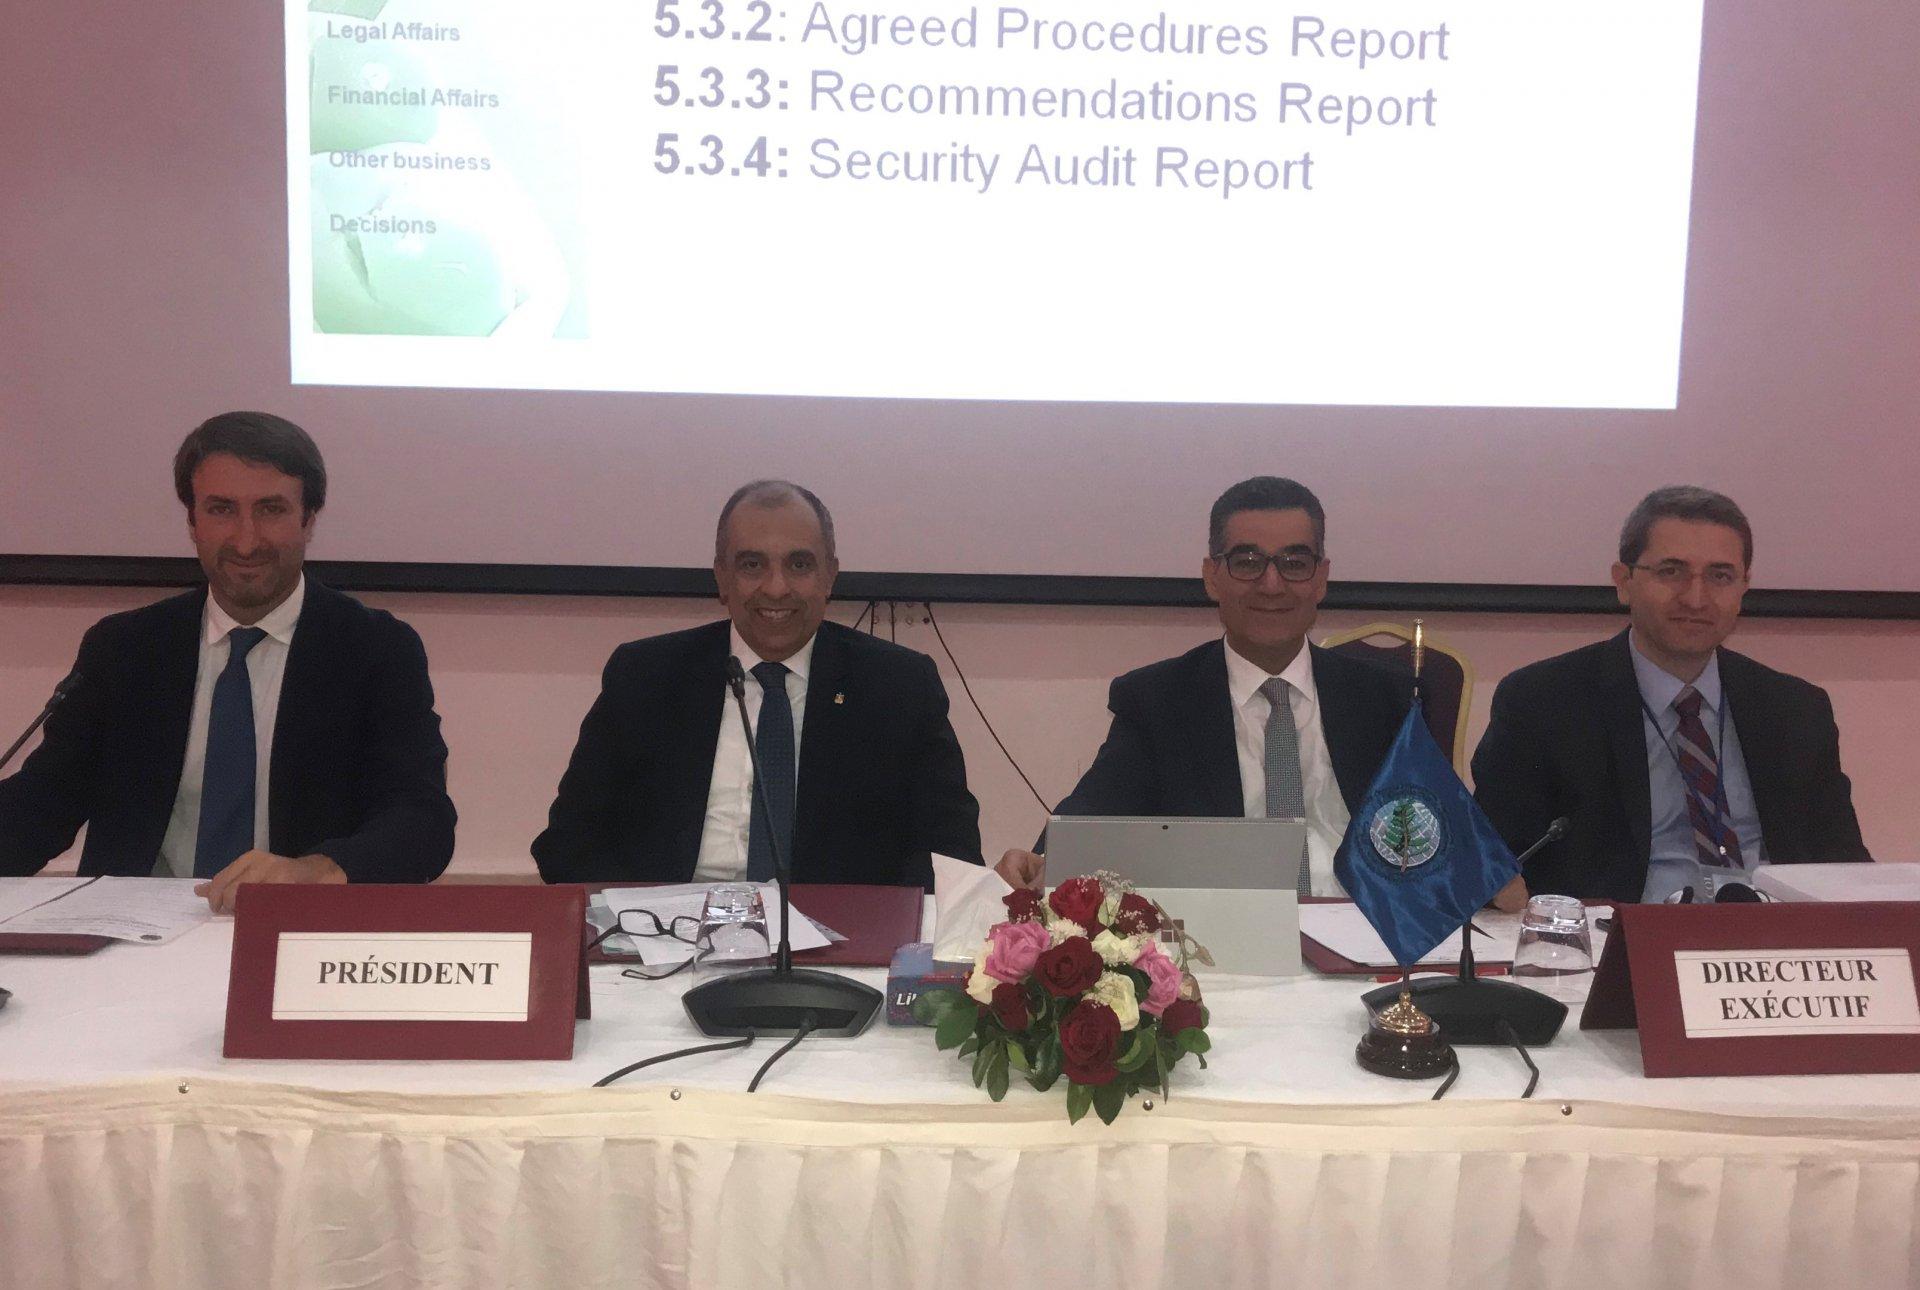 Il ministro egiziano Ezz El Din Abu Steit presiede i lavori del Comitato amministrativo e finanziario del Consiglio Oleicolo Internazionale